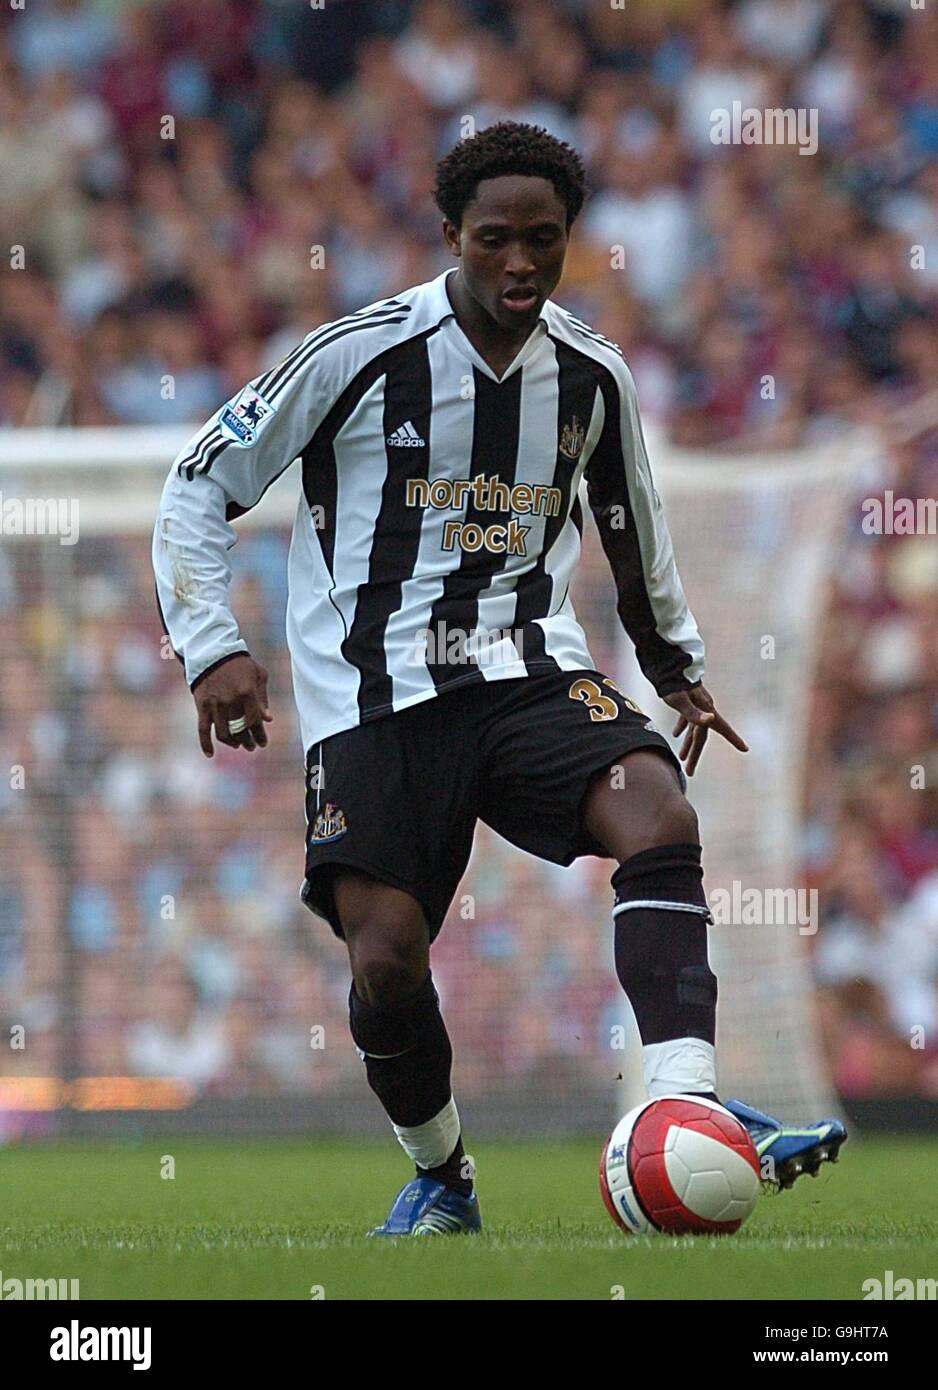 Soccer - FA Barclays Premiership - West Ham United v Newcastle United - Upton Park - Stock Image